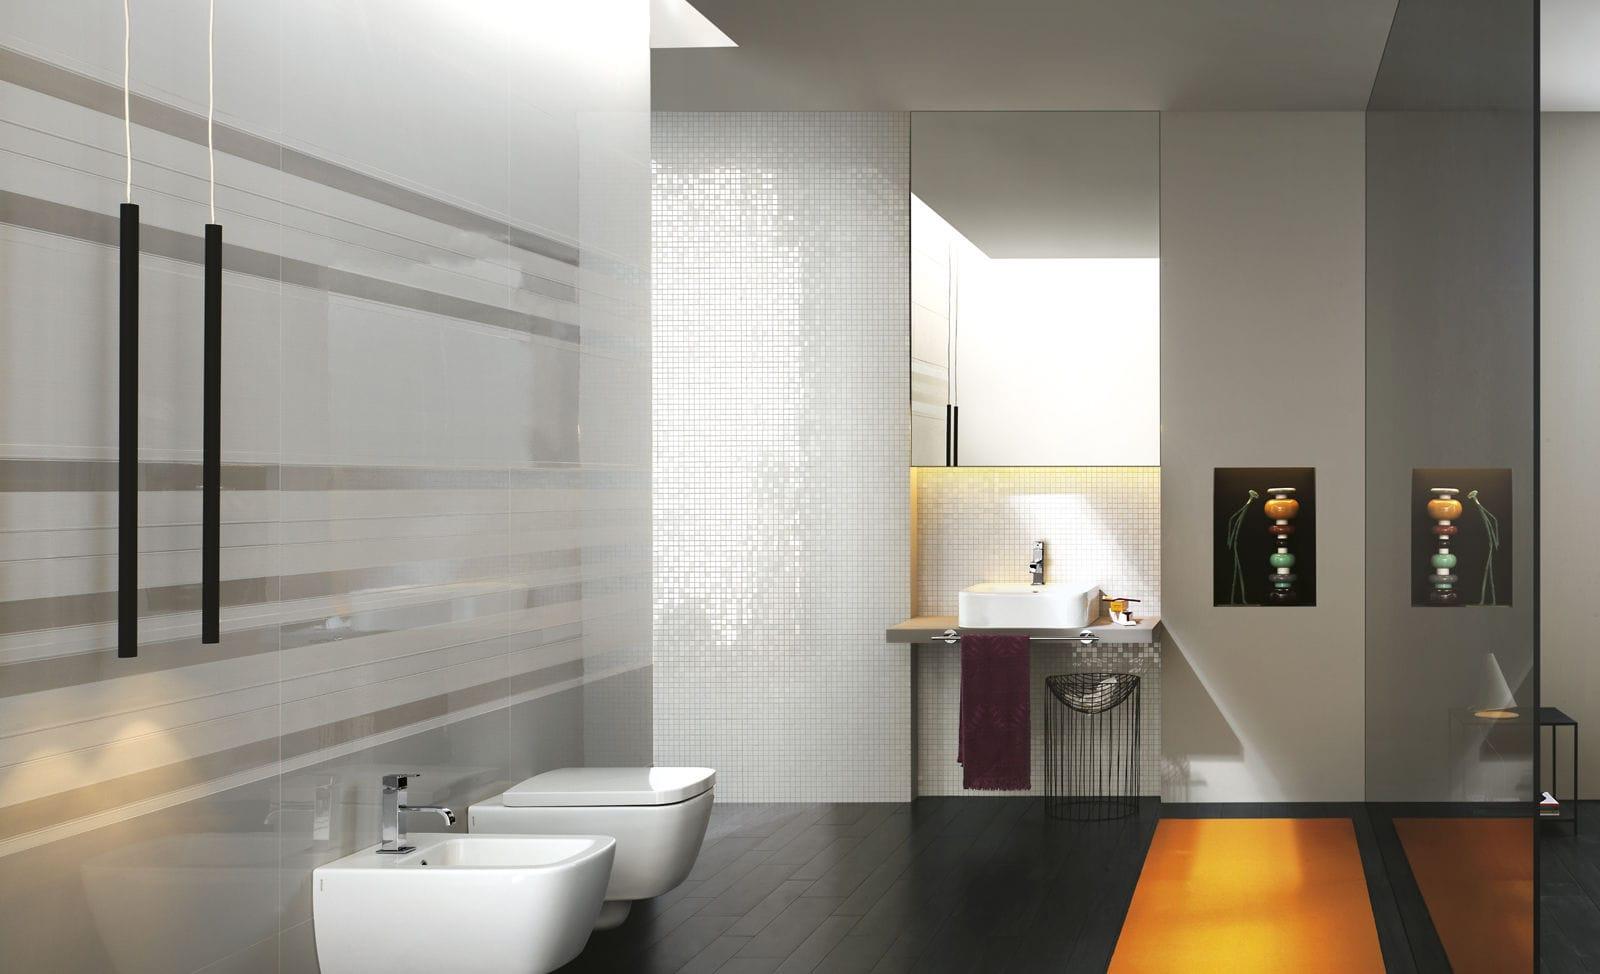 Fliese für badezimmer / wandmontiert / aus keramik / reflektierend ...